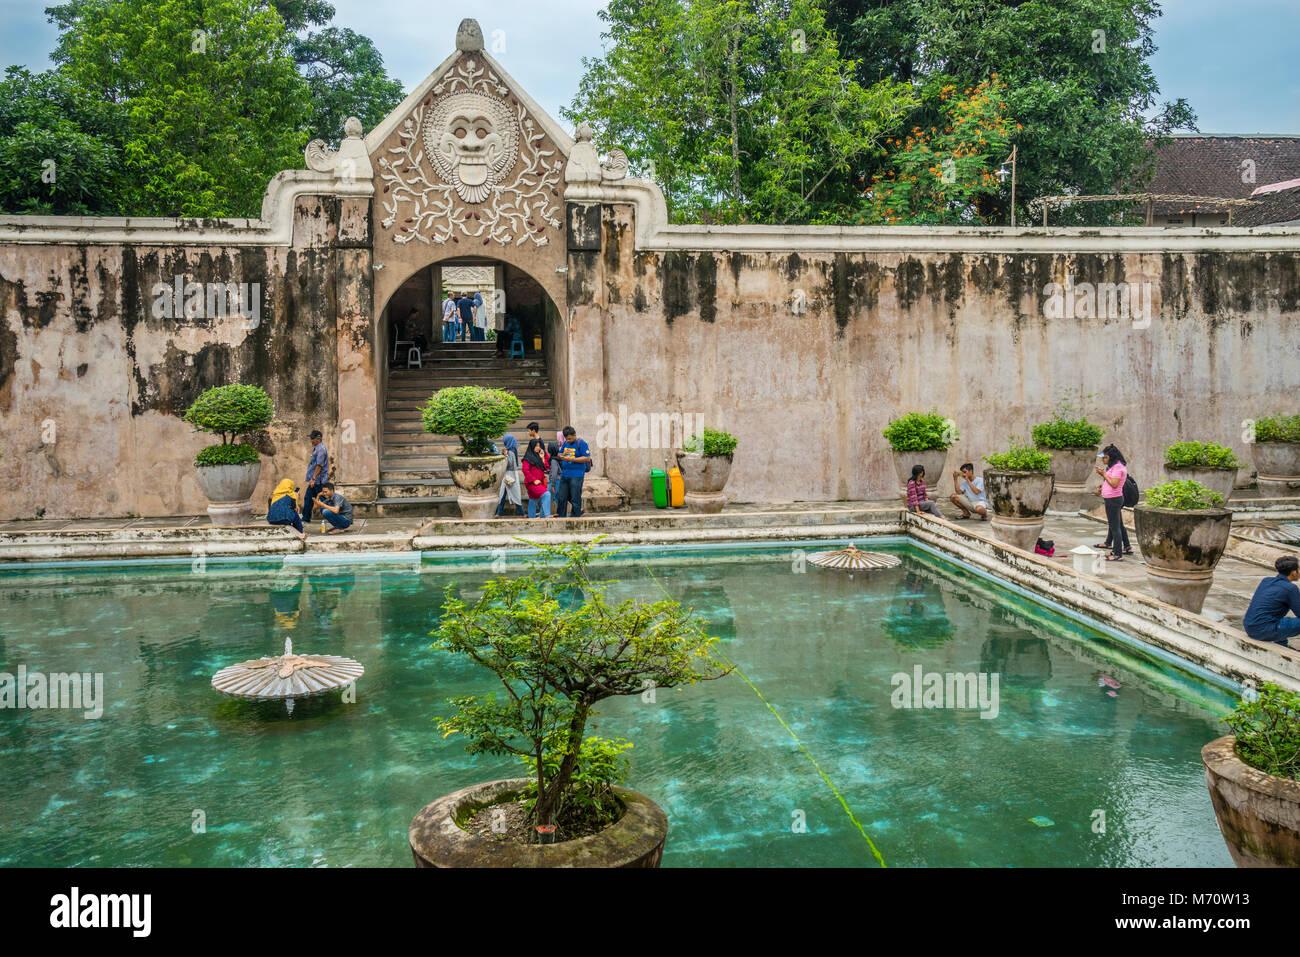 Complesso balneare di Taman Sari Castello d'acqua, il sito di un ex giardino reale del sultanato di Yogyakarta, Immagini Stock